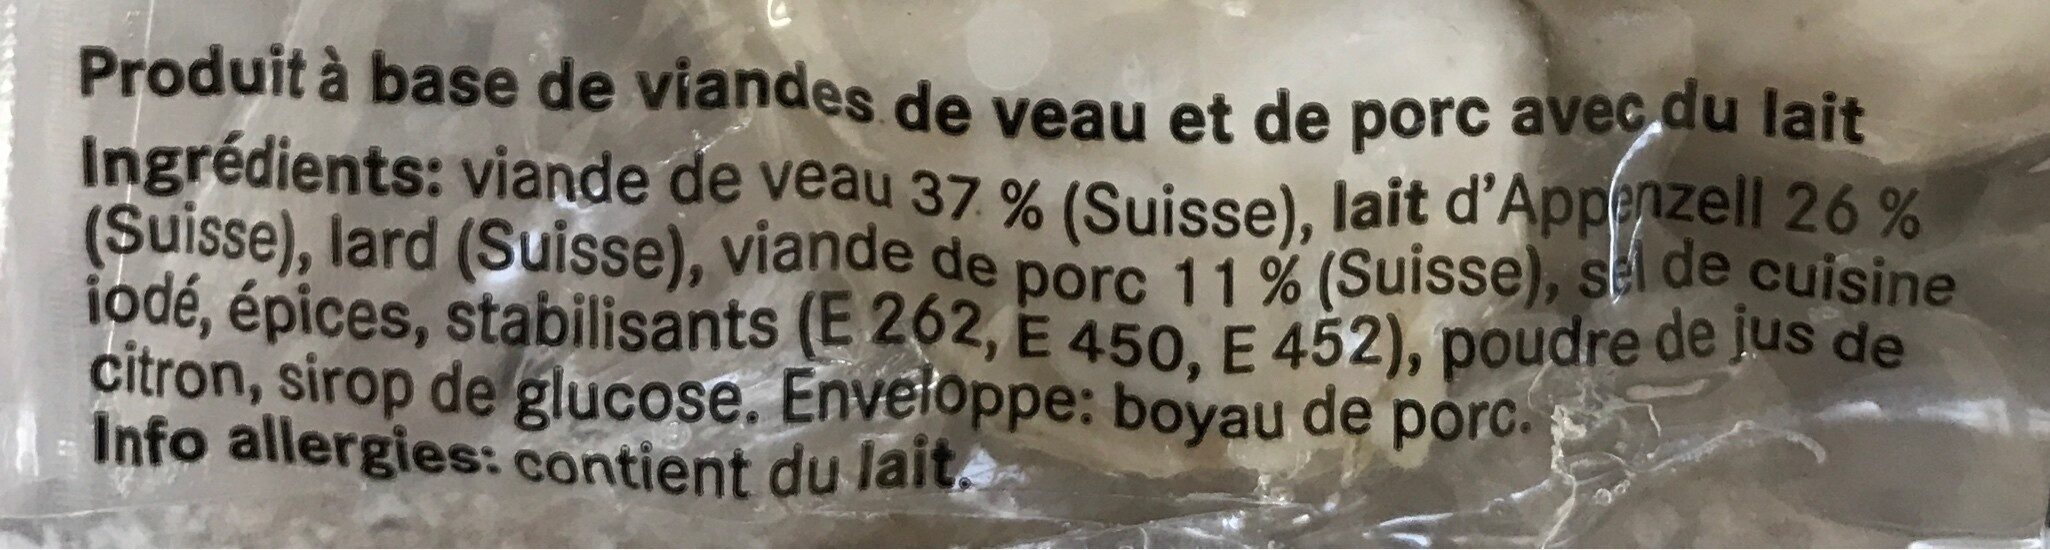 Saucisse a rotir de veau - Ingredients - fr